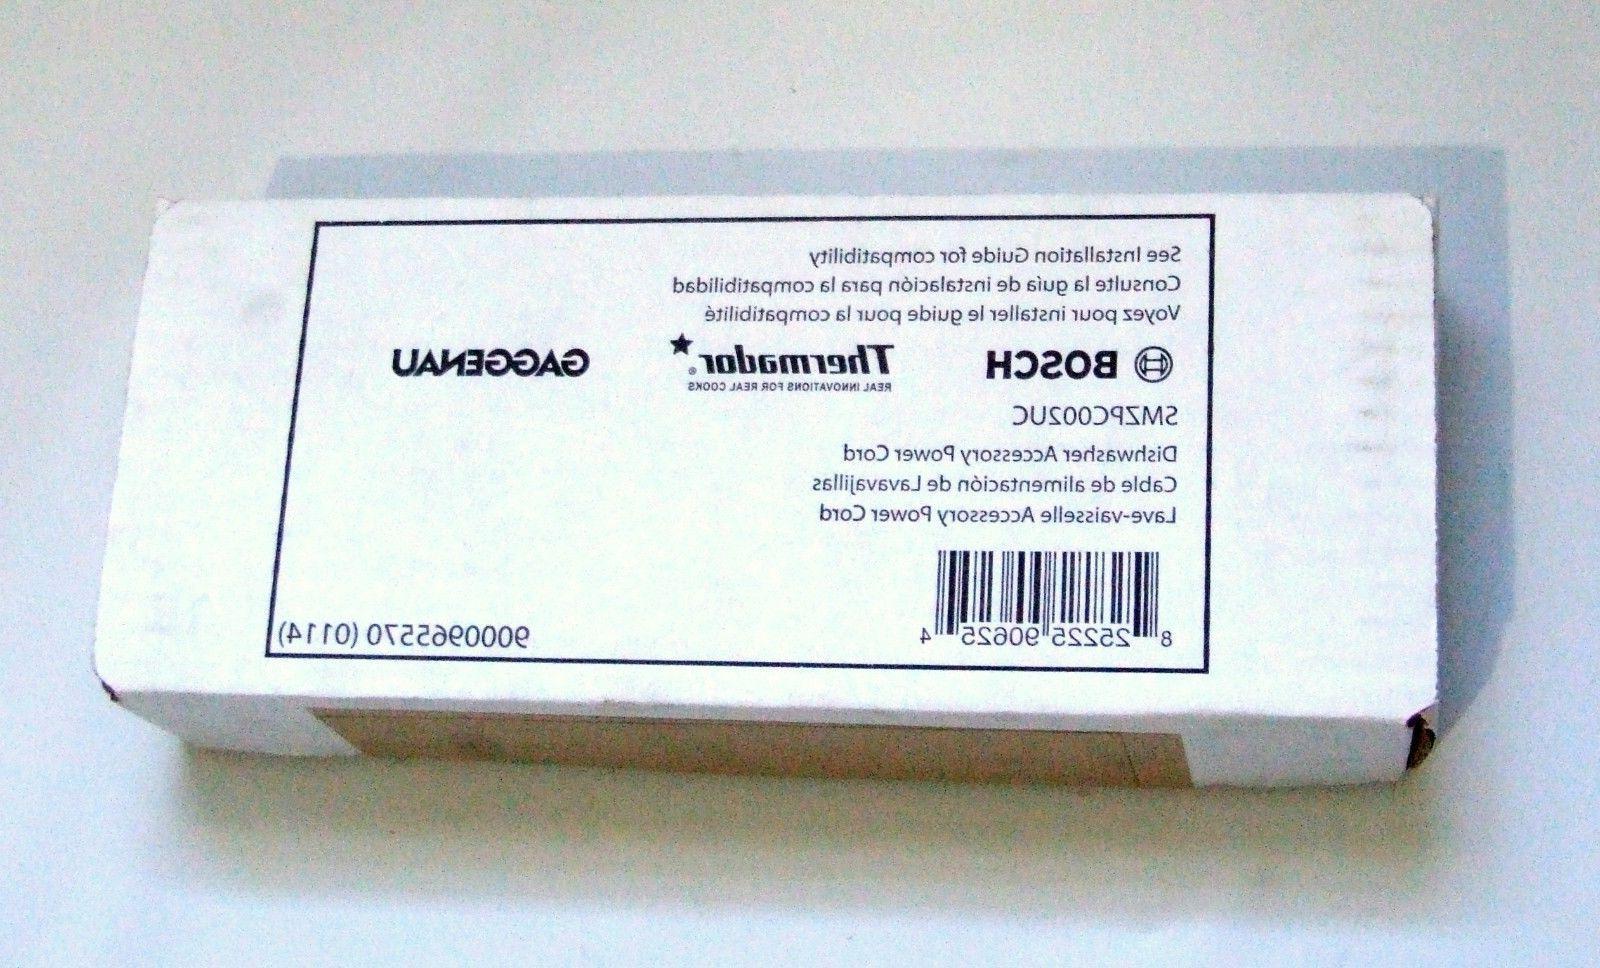 SMZPC002UC Dishwasher Accessory Cord